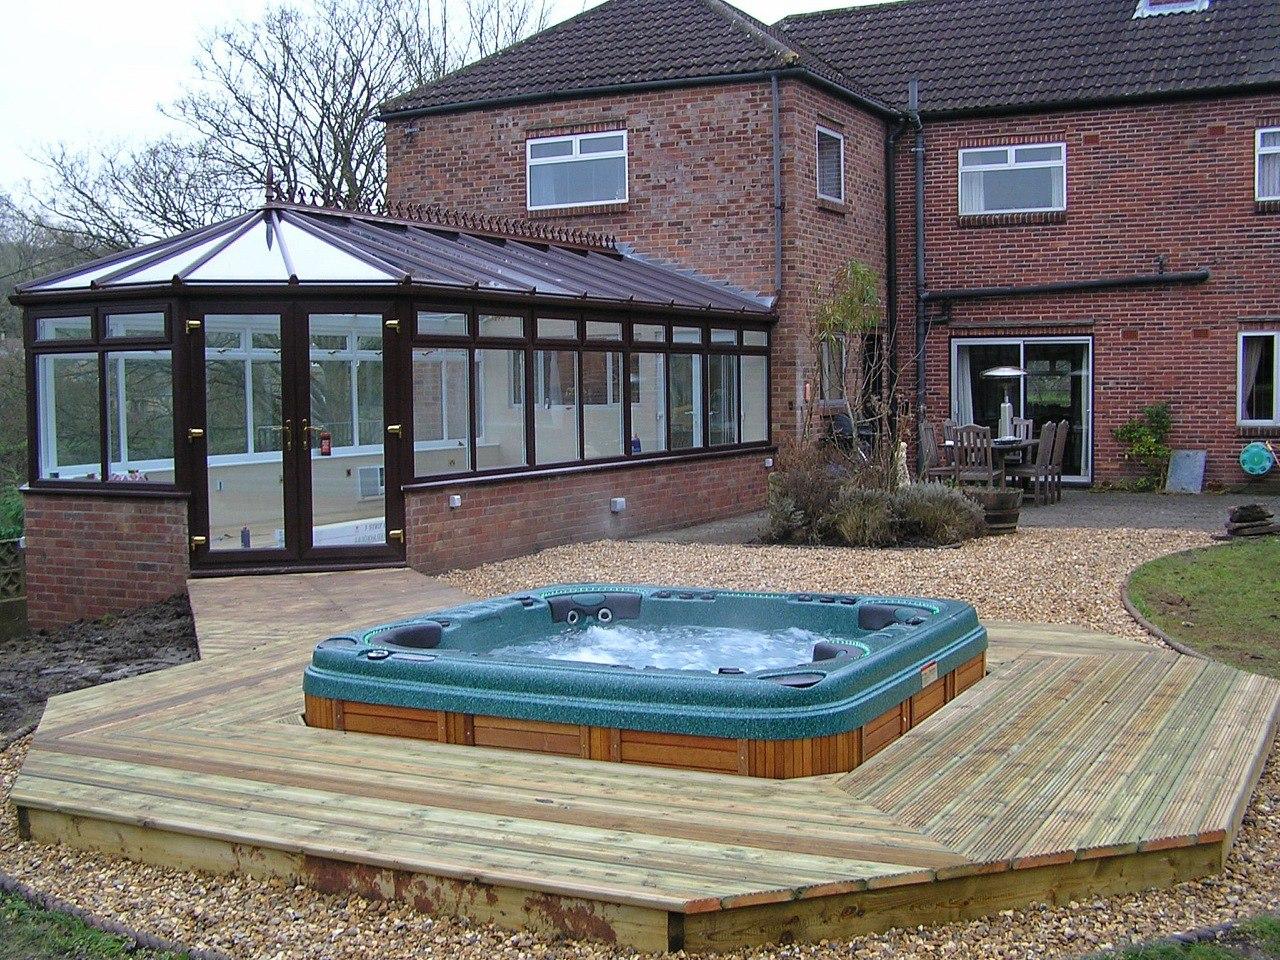 гидромассажный бассейн у вас дома, купить спа-бассейн в Краснодаре, плавательный мини-бассейн с противотоком